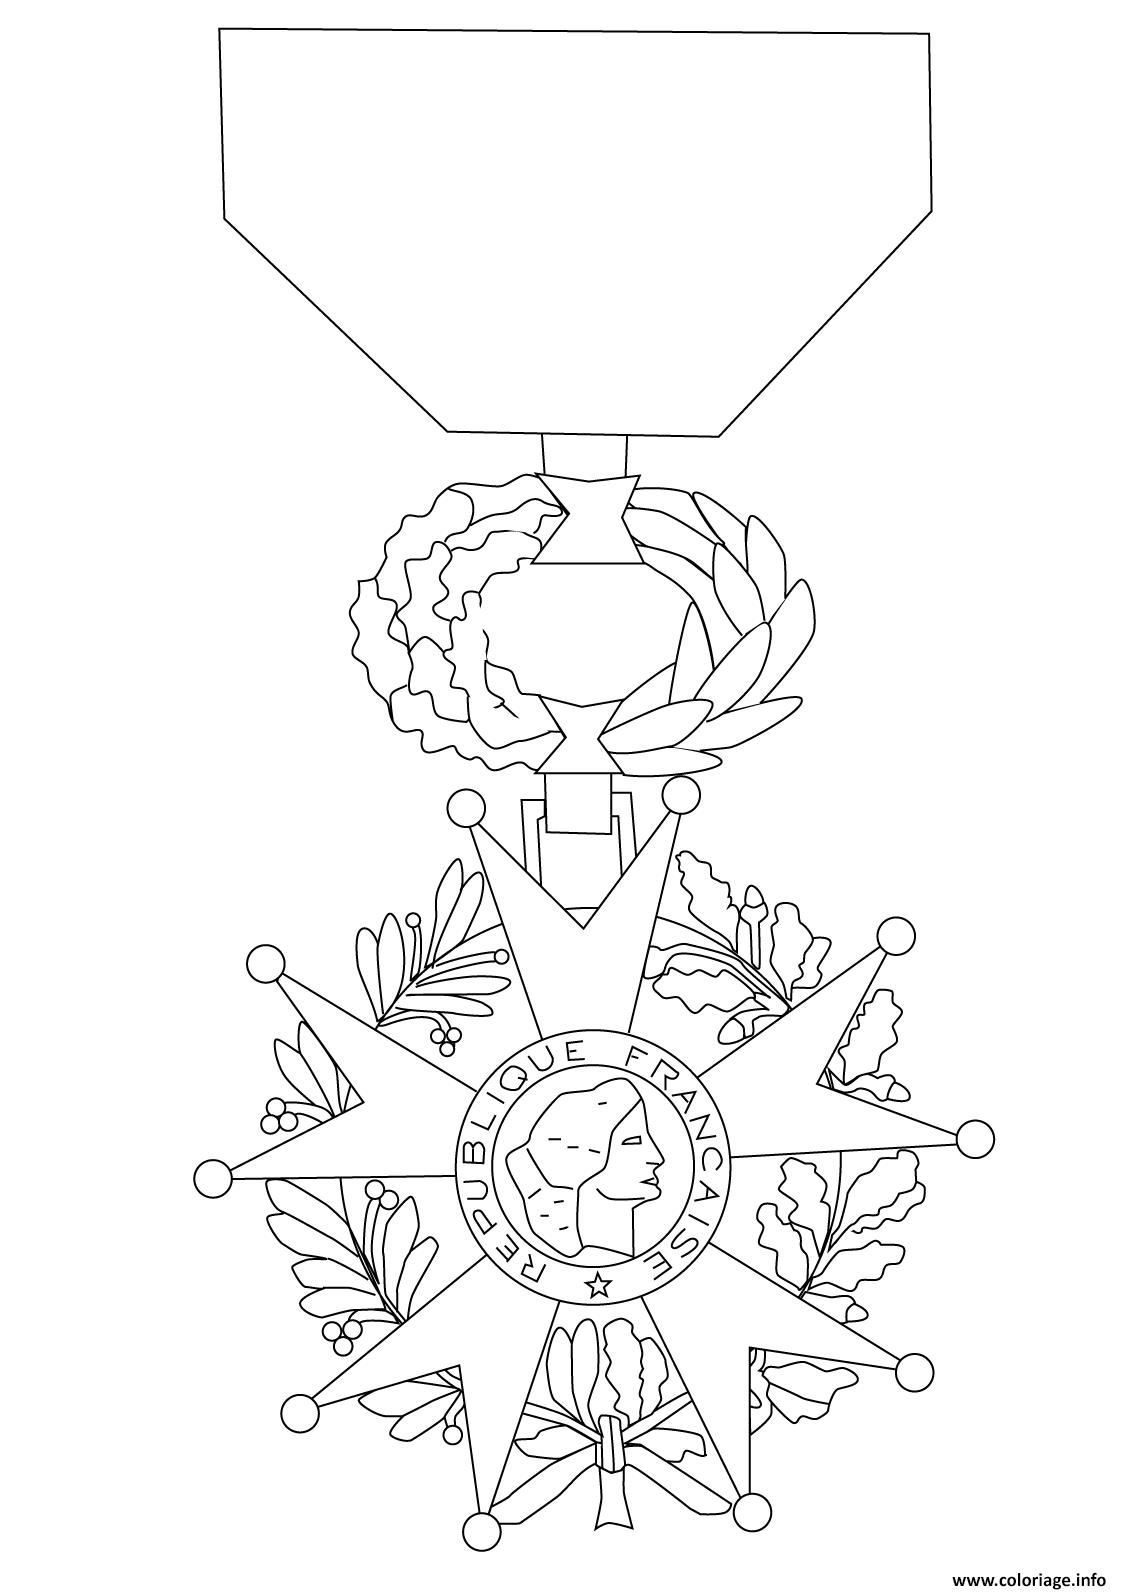 Dessin ordre national de la legion dhonneur Coloriage Gratuit à Imprimer